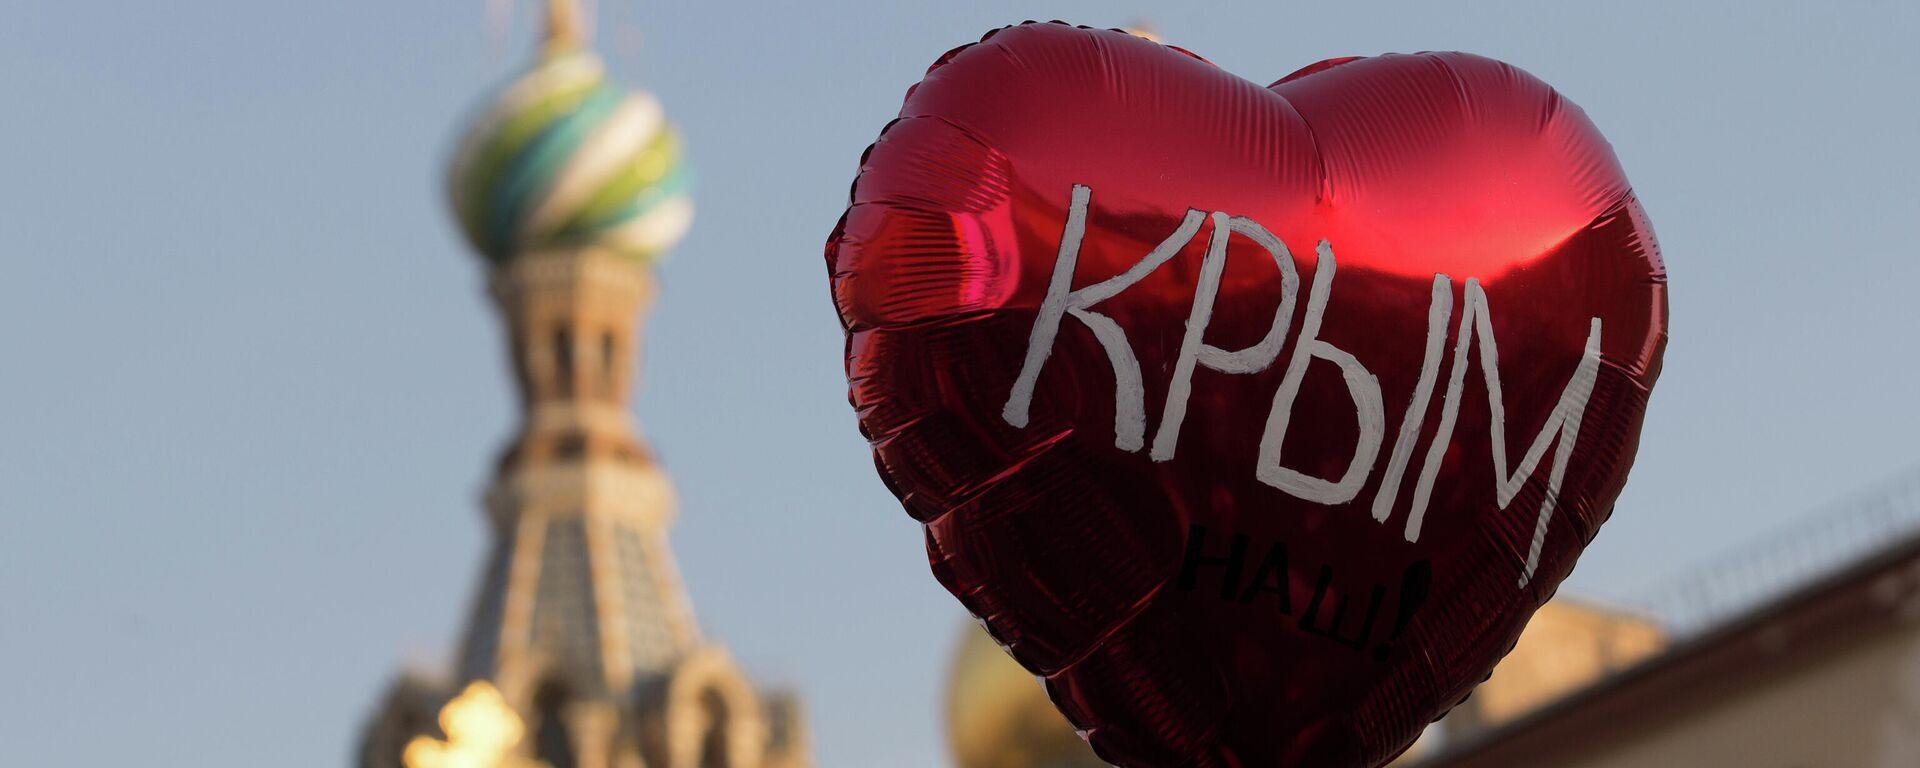 Воздушный шар во время праздничного митинга в Санкт-Петербурге в честь воссоединения Крыма и Севастополя с Россией - Sputnik Узбекистан, 1920, 25.07.2021